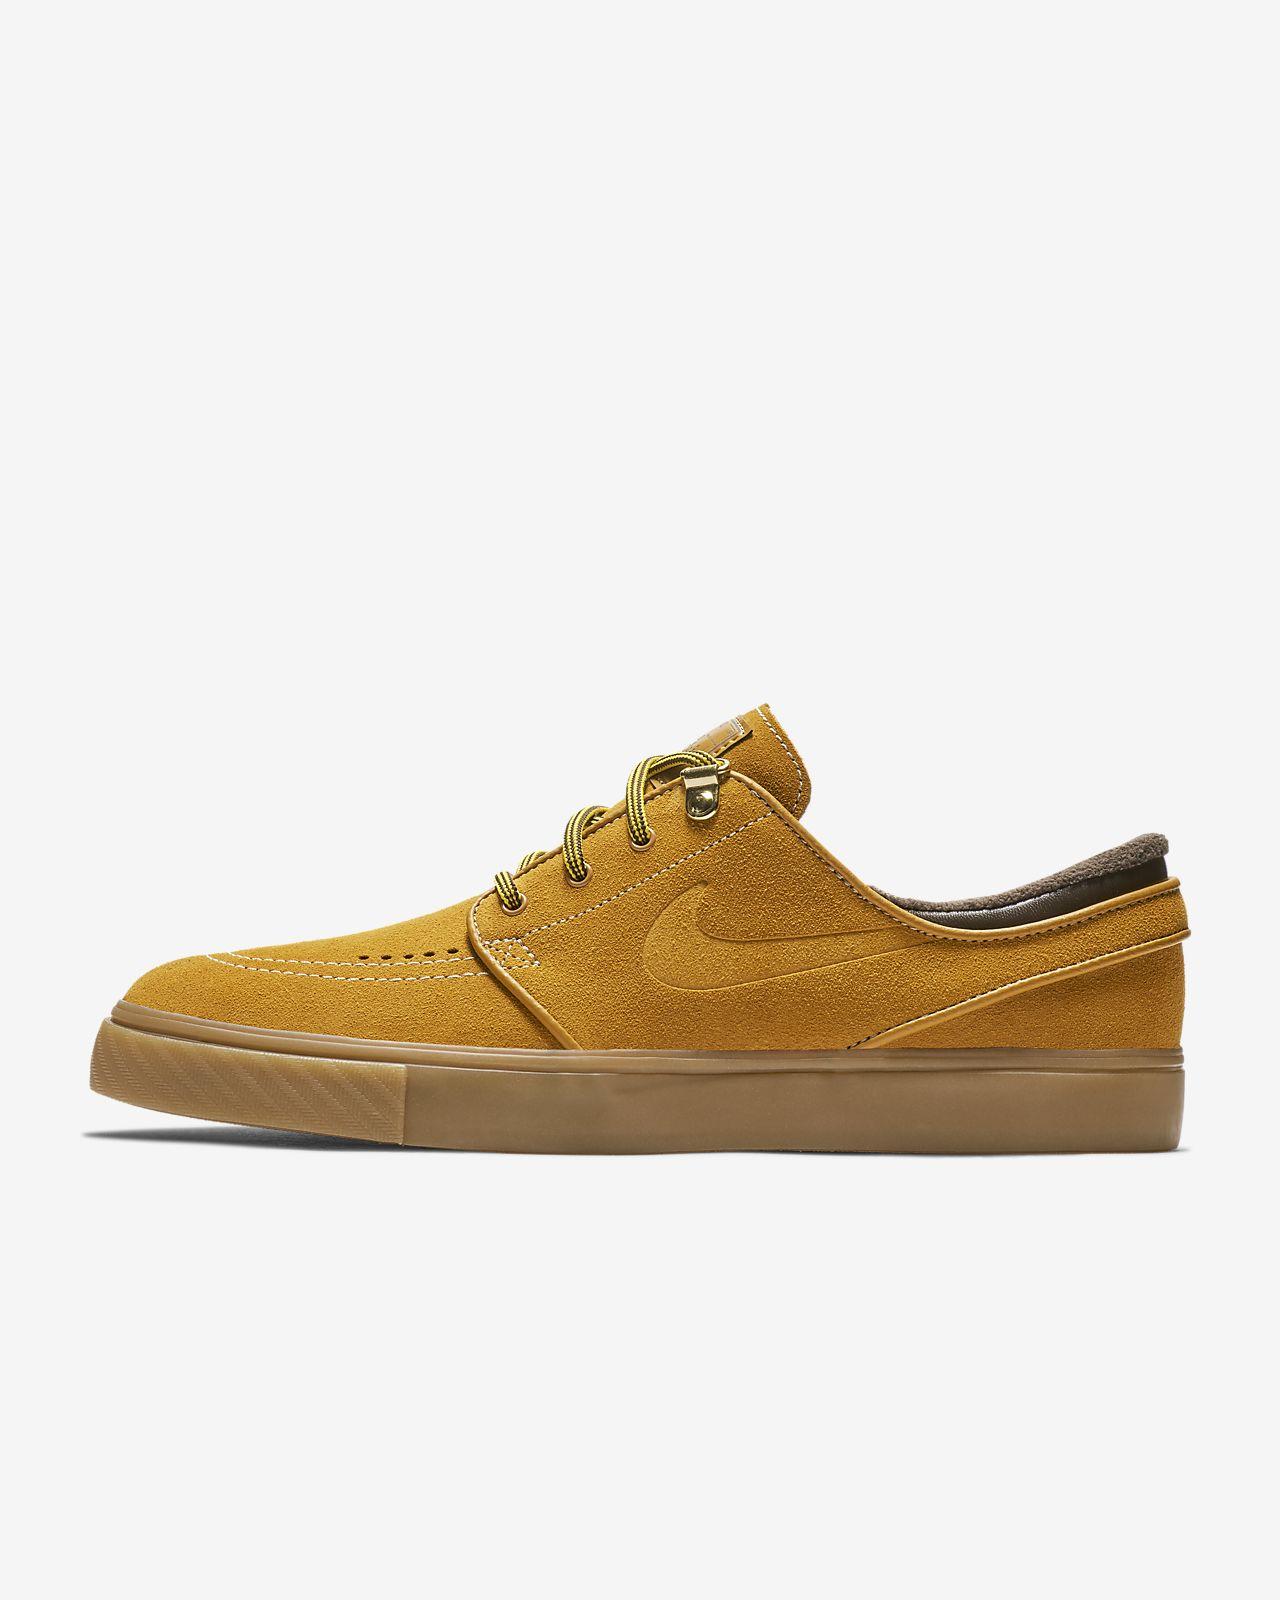 4e020d0e1dc1 Nike SB Zoom Janoski Premium Skate Shoe. Nike.com